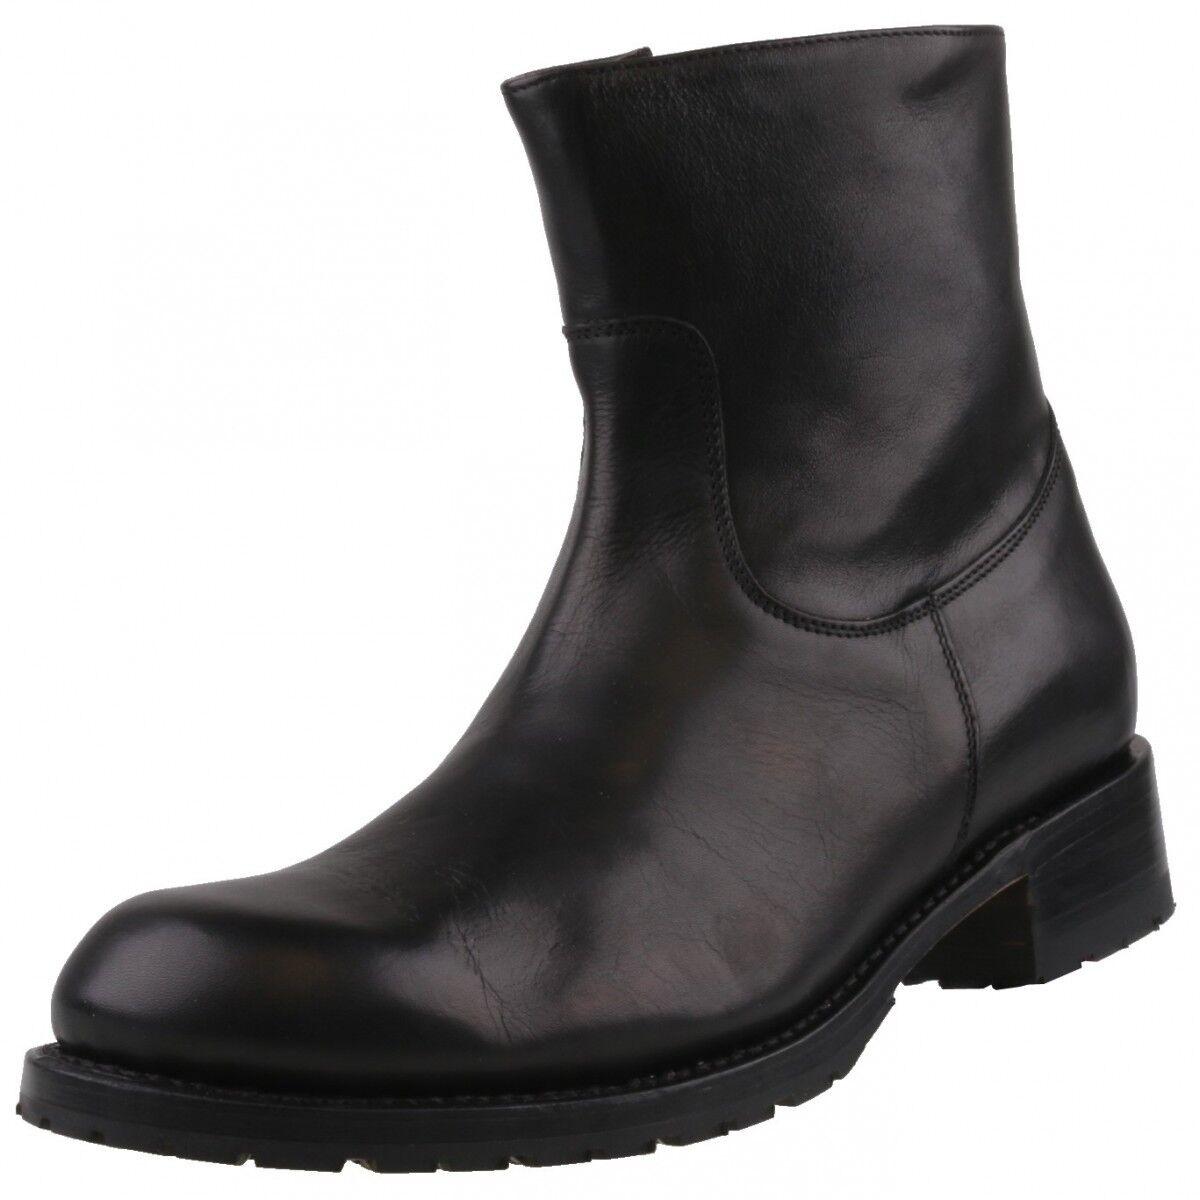 Nuevo sendra botas zapatos caballero 9491 caballeros-botas botín zapatos de piel Biker